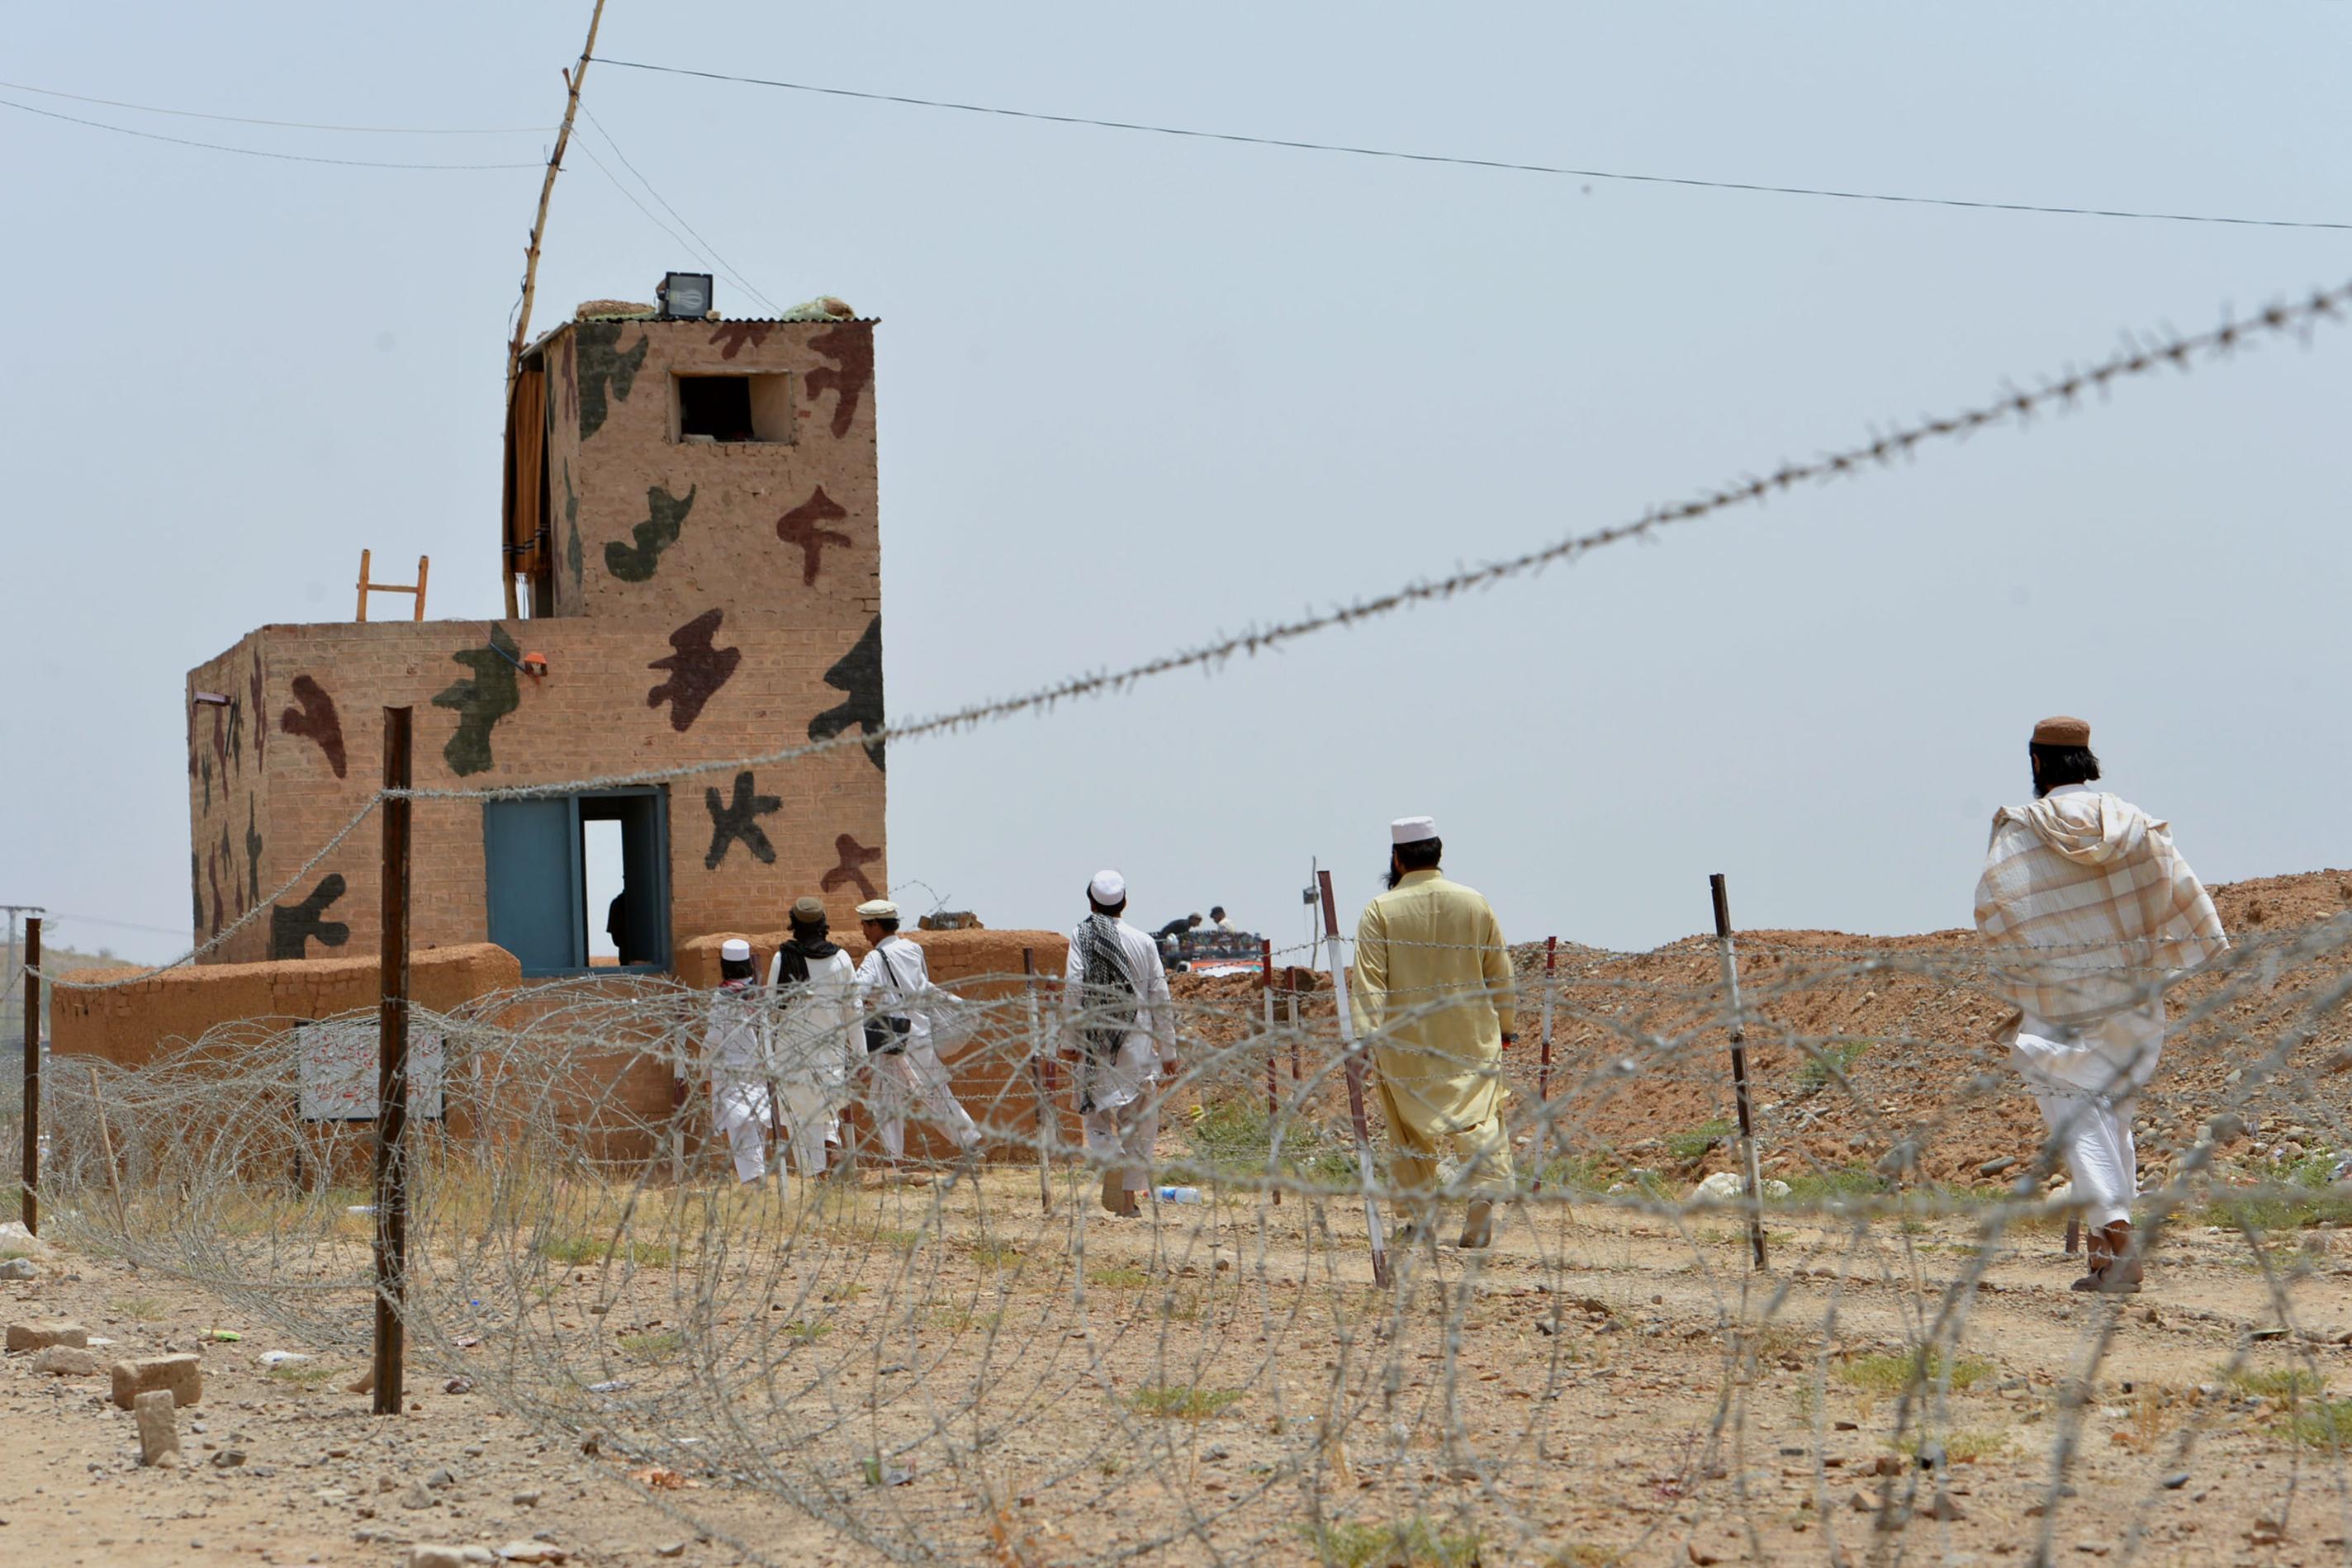 څارونکي د وسله والو په وړاندې مبارزه کې د پاکستان د هوایي ځواک د رول ستاينه کوي